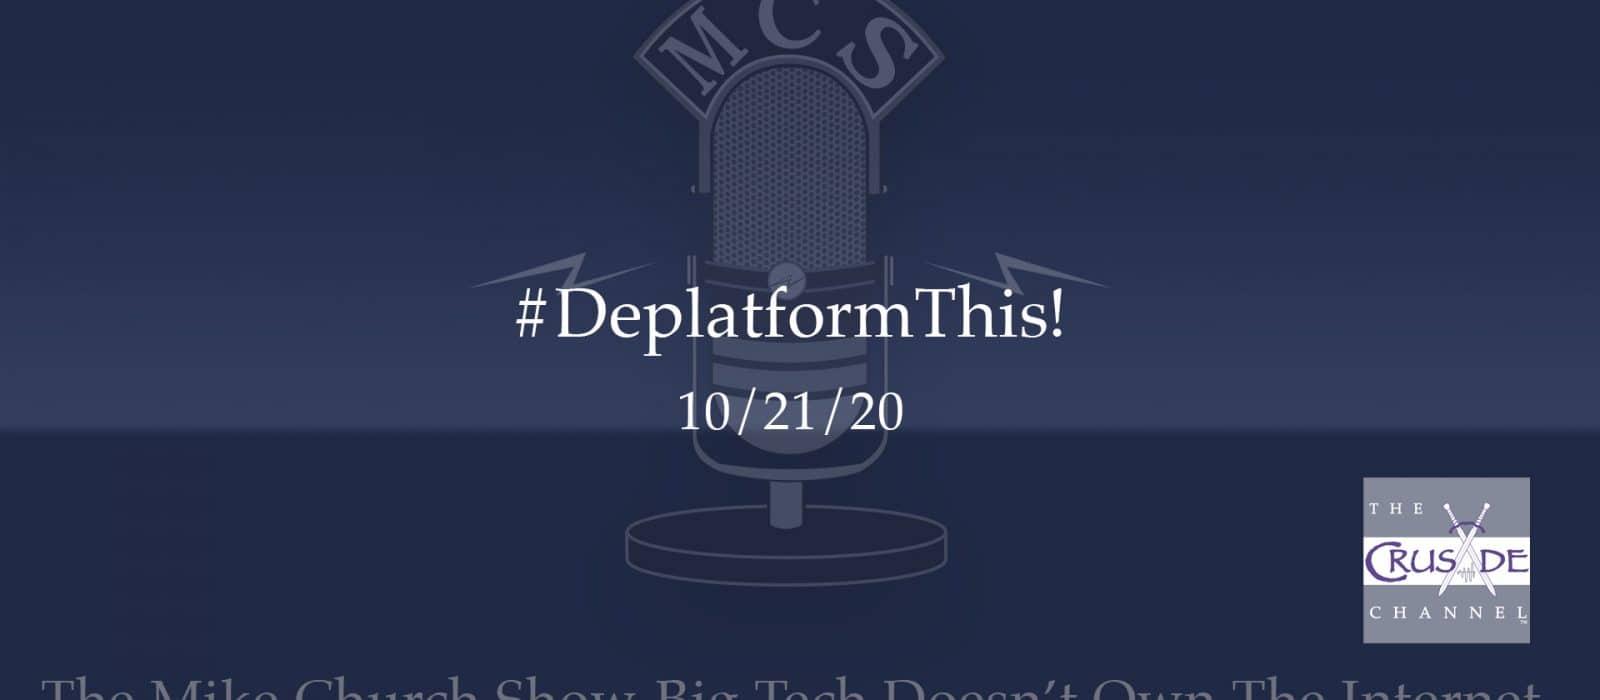 DePlatform